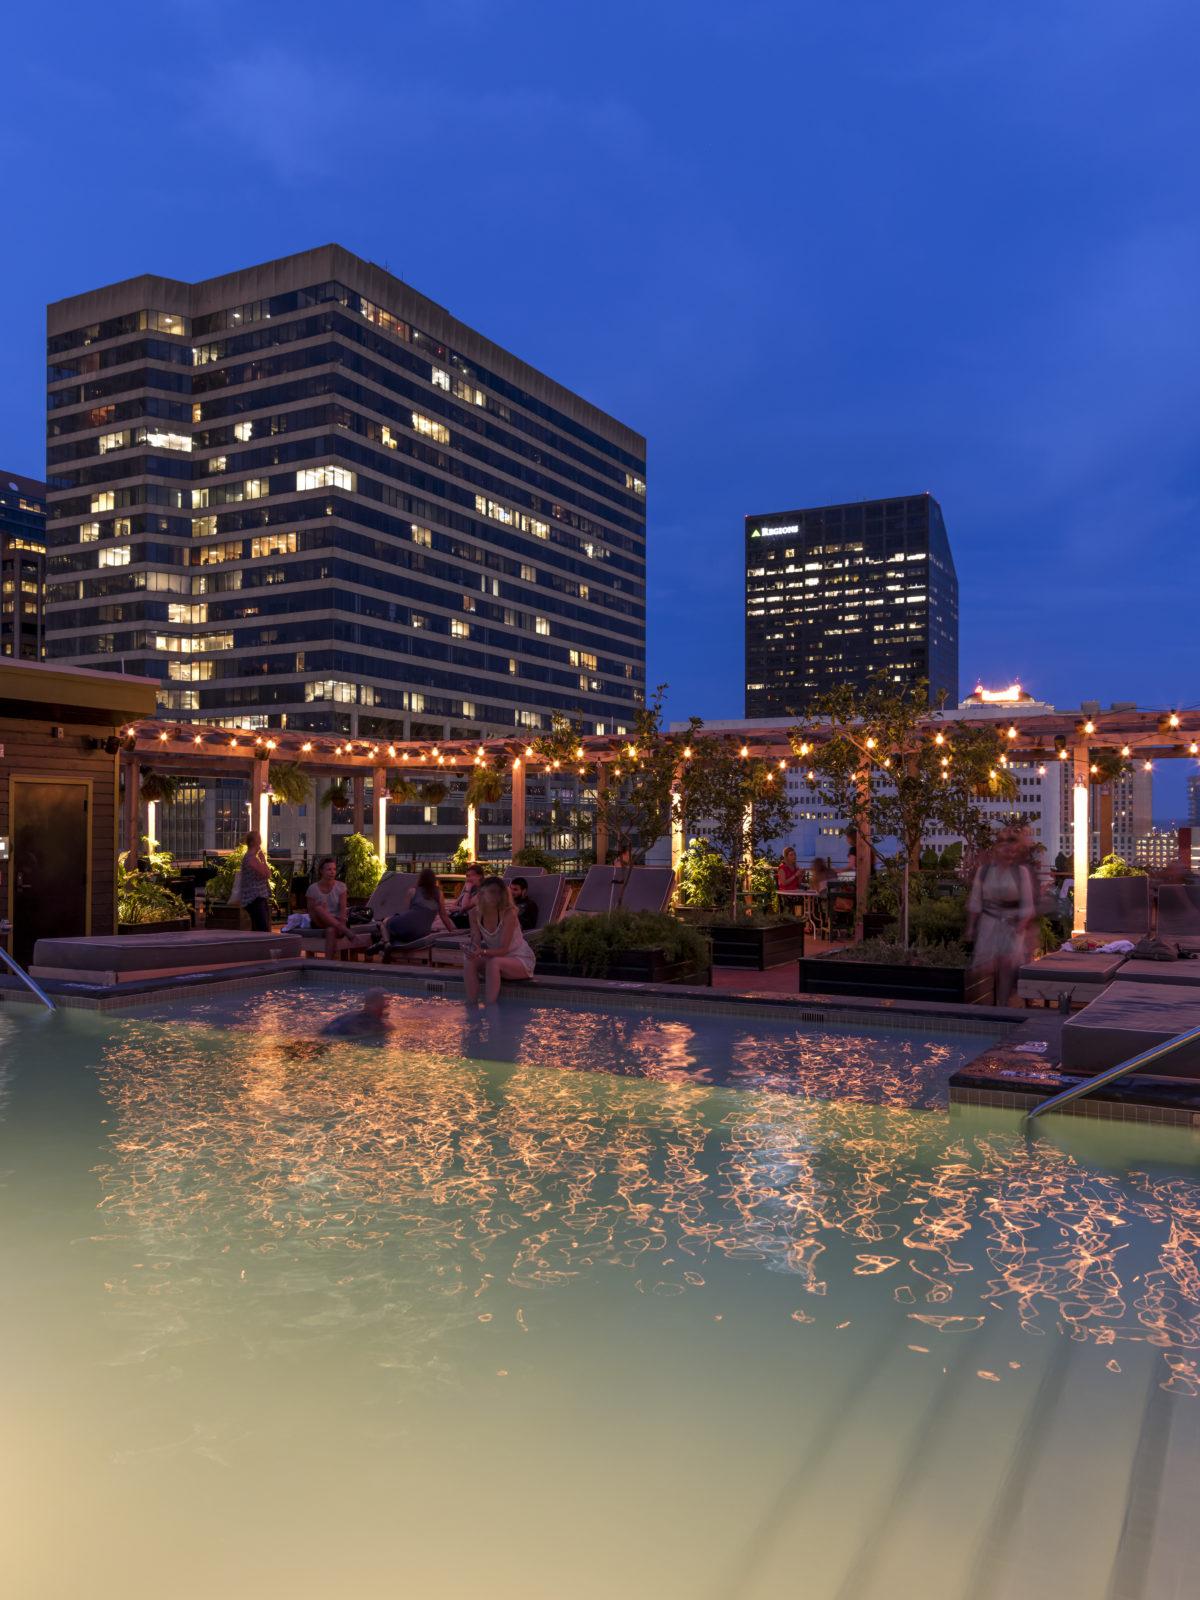 Ace-Hotel-New-Orleans_ Alto_Fran-Parente_2